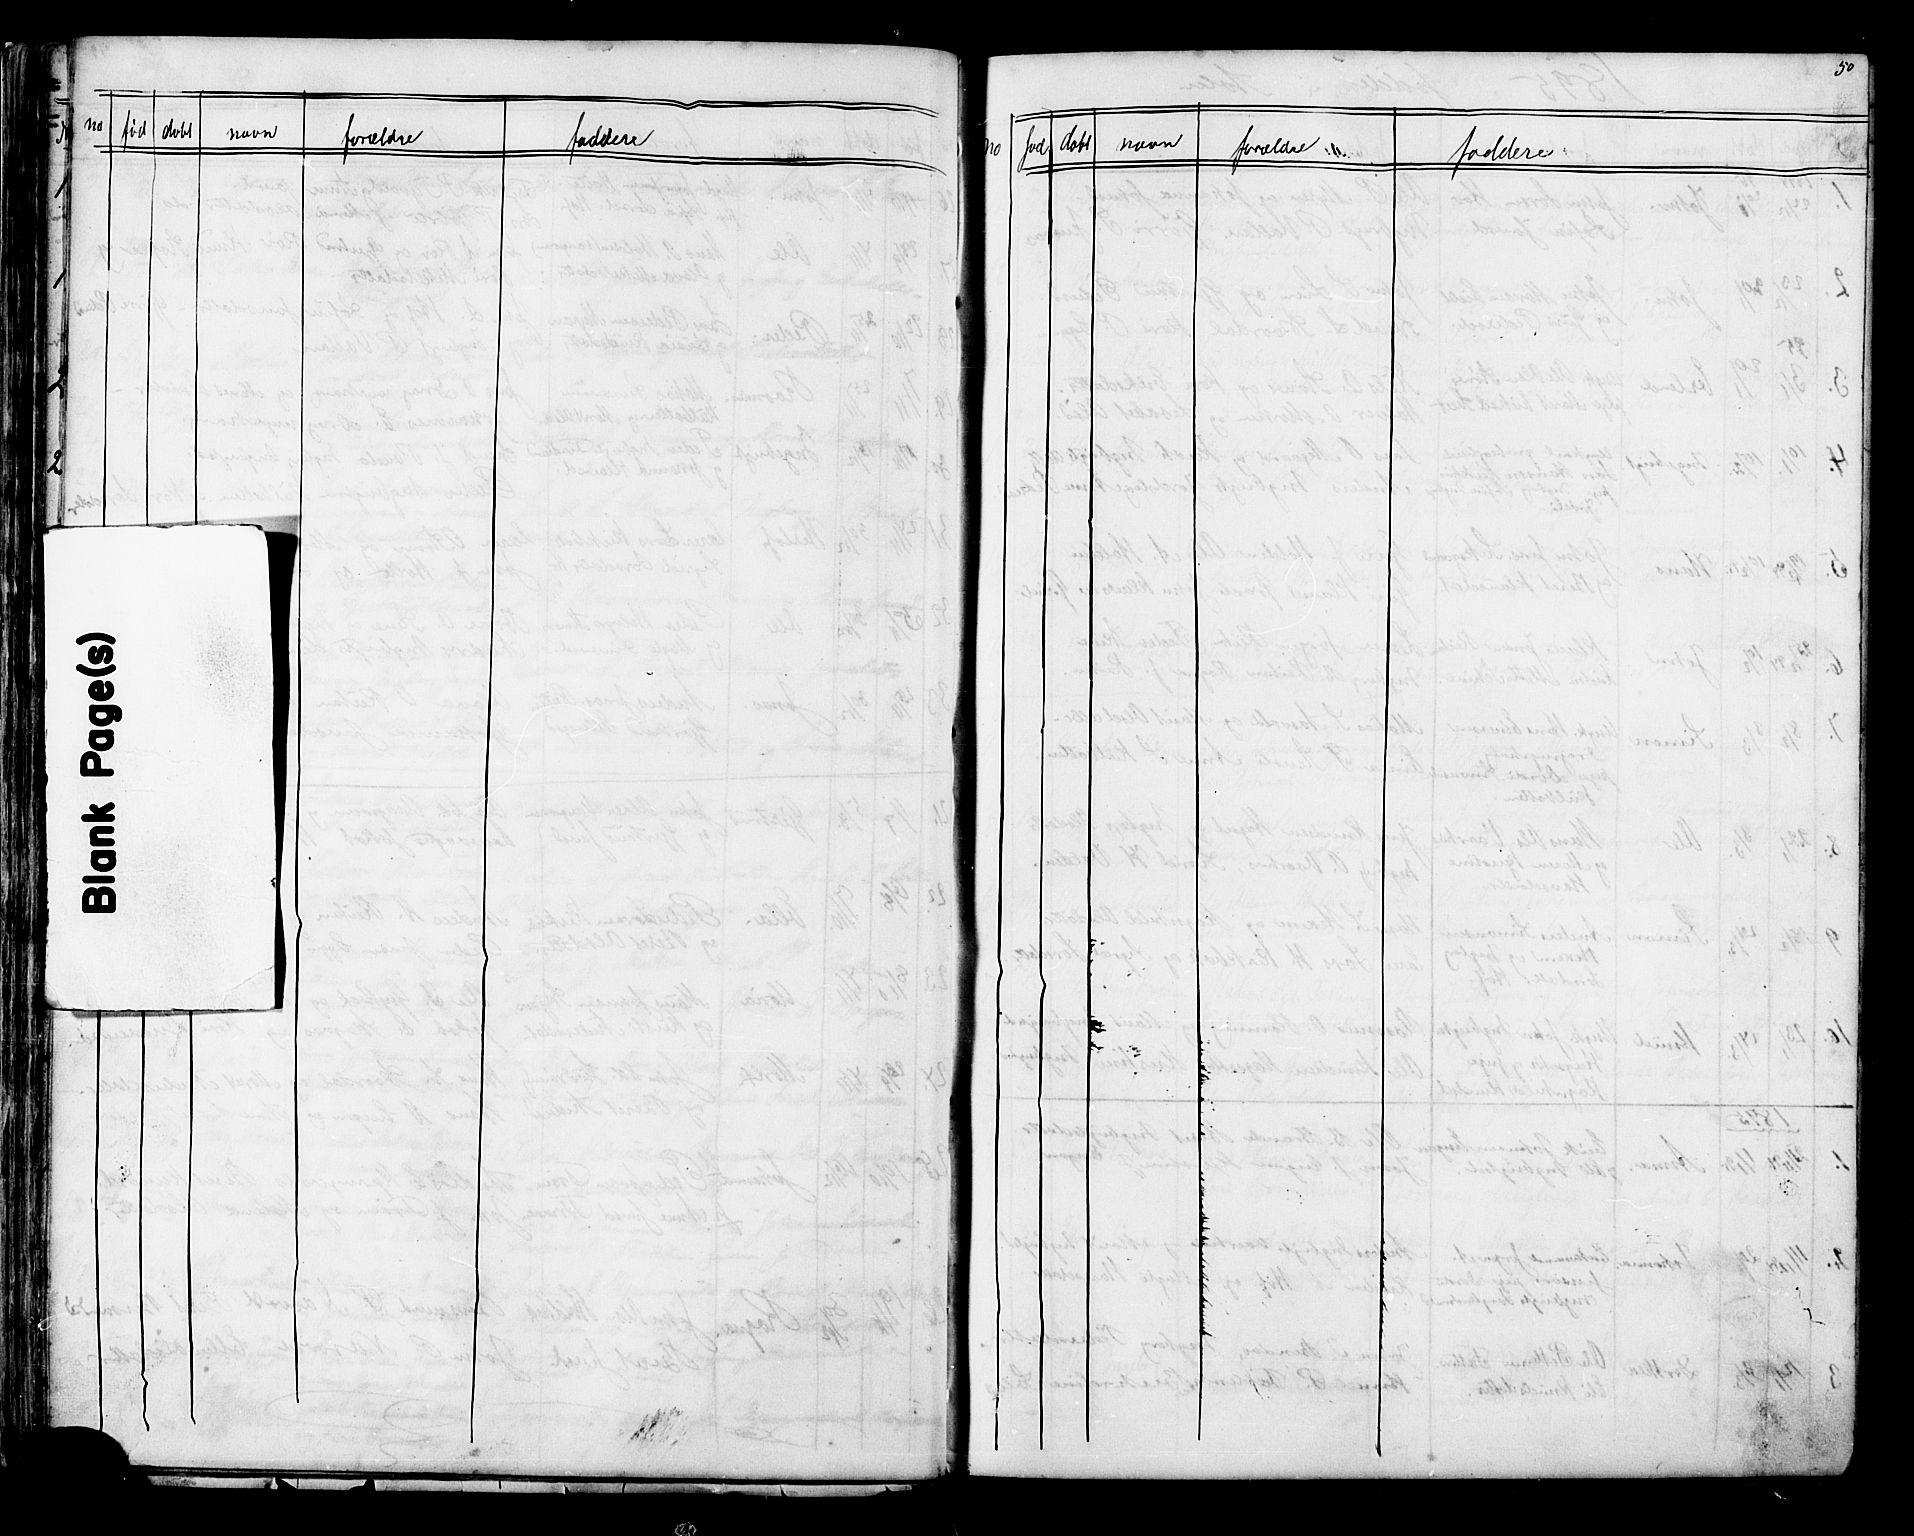 SAT, Ministerialprotokoller, klokkerbøker og fødselsregistre - Sør-Trøndelag, 686/L0985: Klokkerbok nr. 686C01, 1871-1933, s. 50